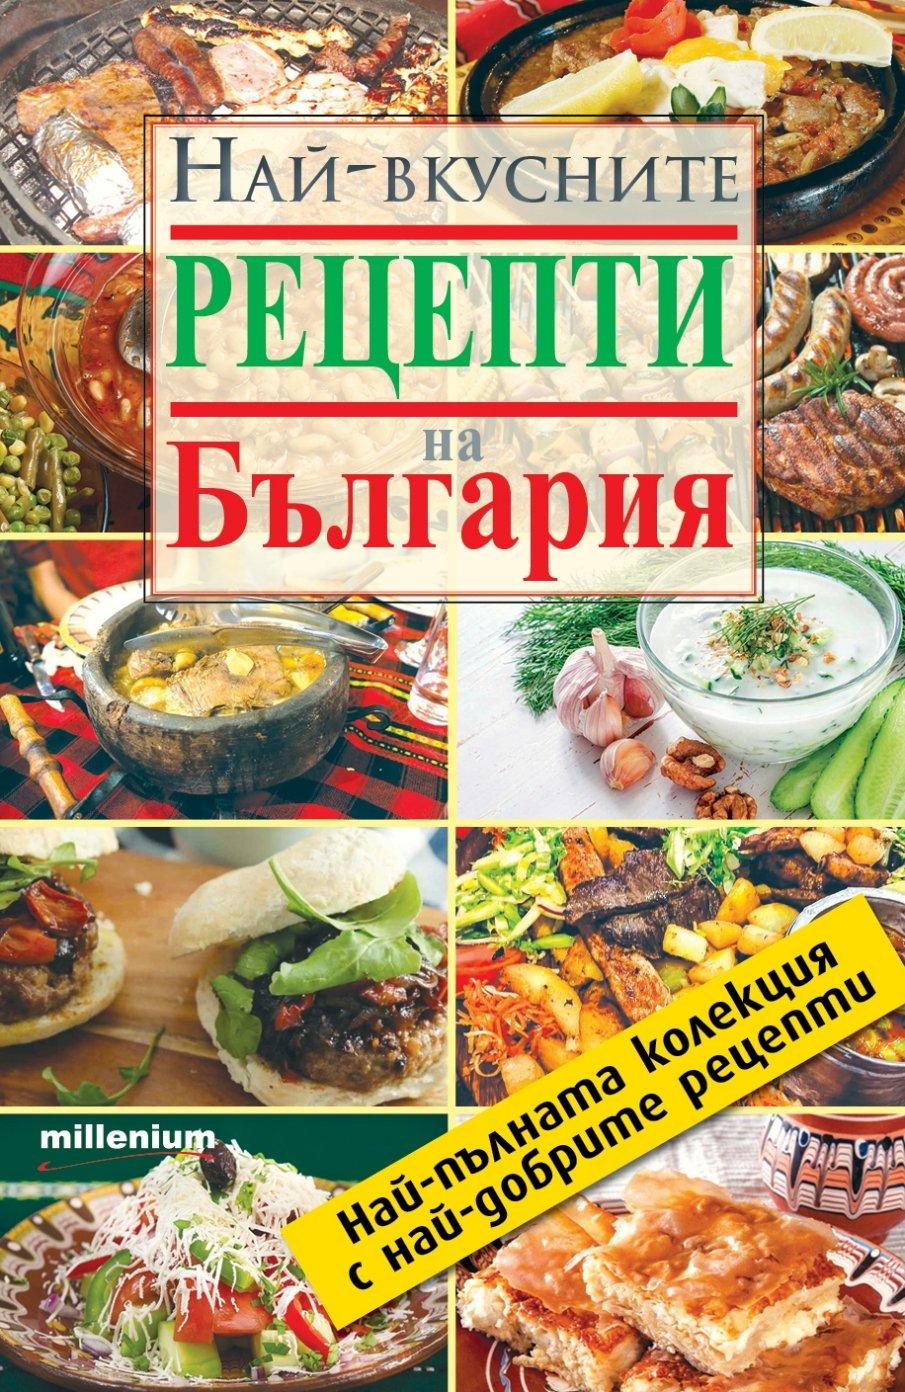 Най-вкусните рецепти за Великден и Гергьовден в кулинарна съкровищница